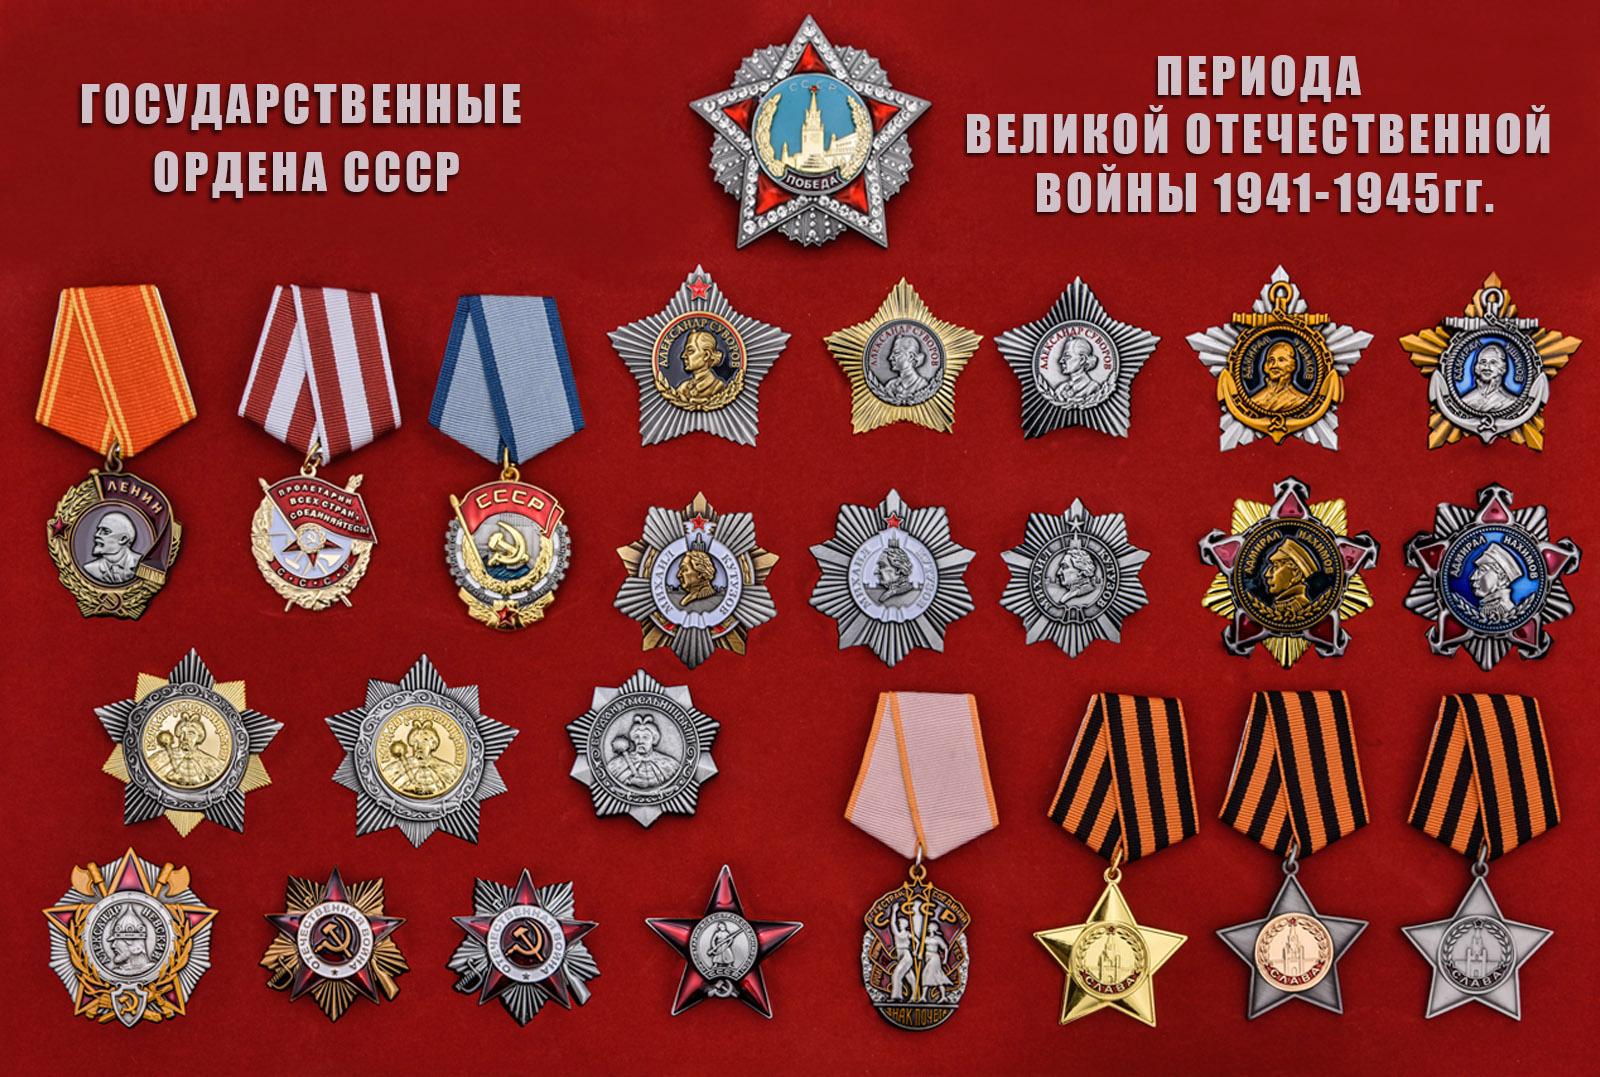 Купить ордена Великой Отечественной войны  комплектом